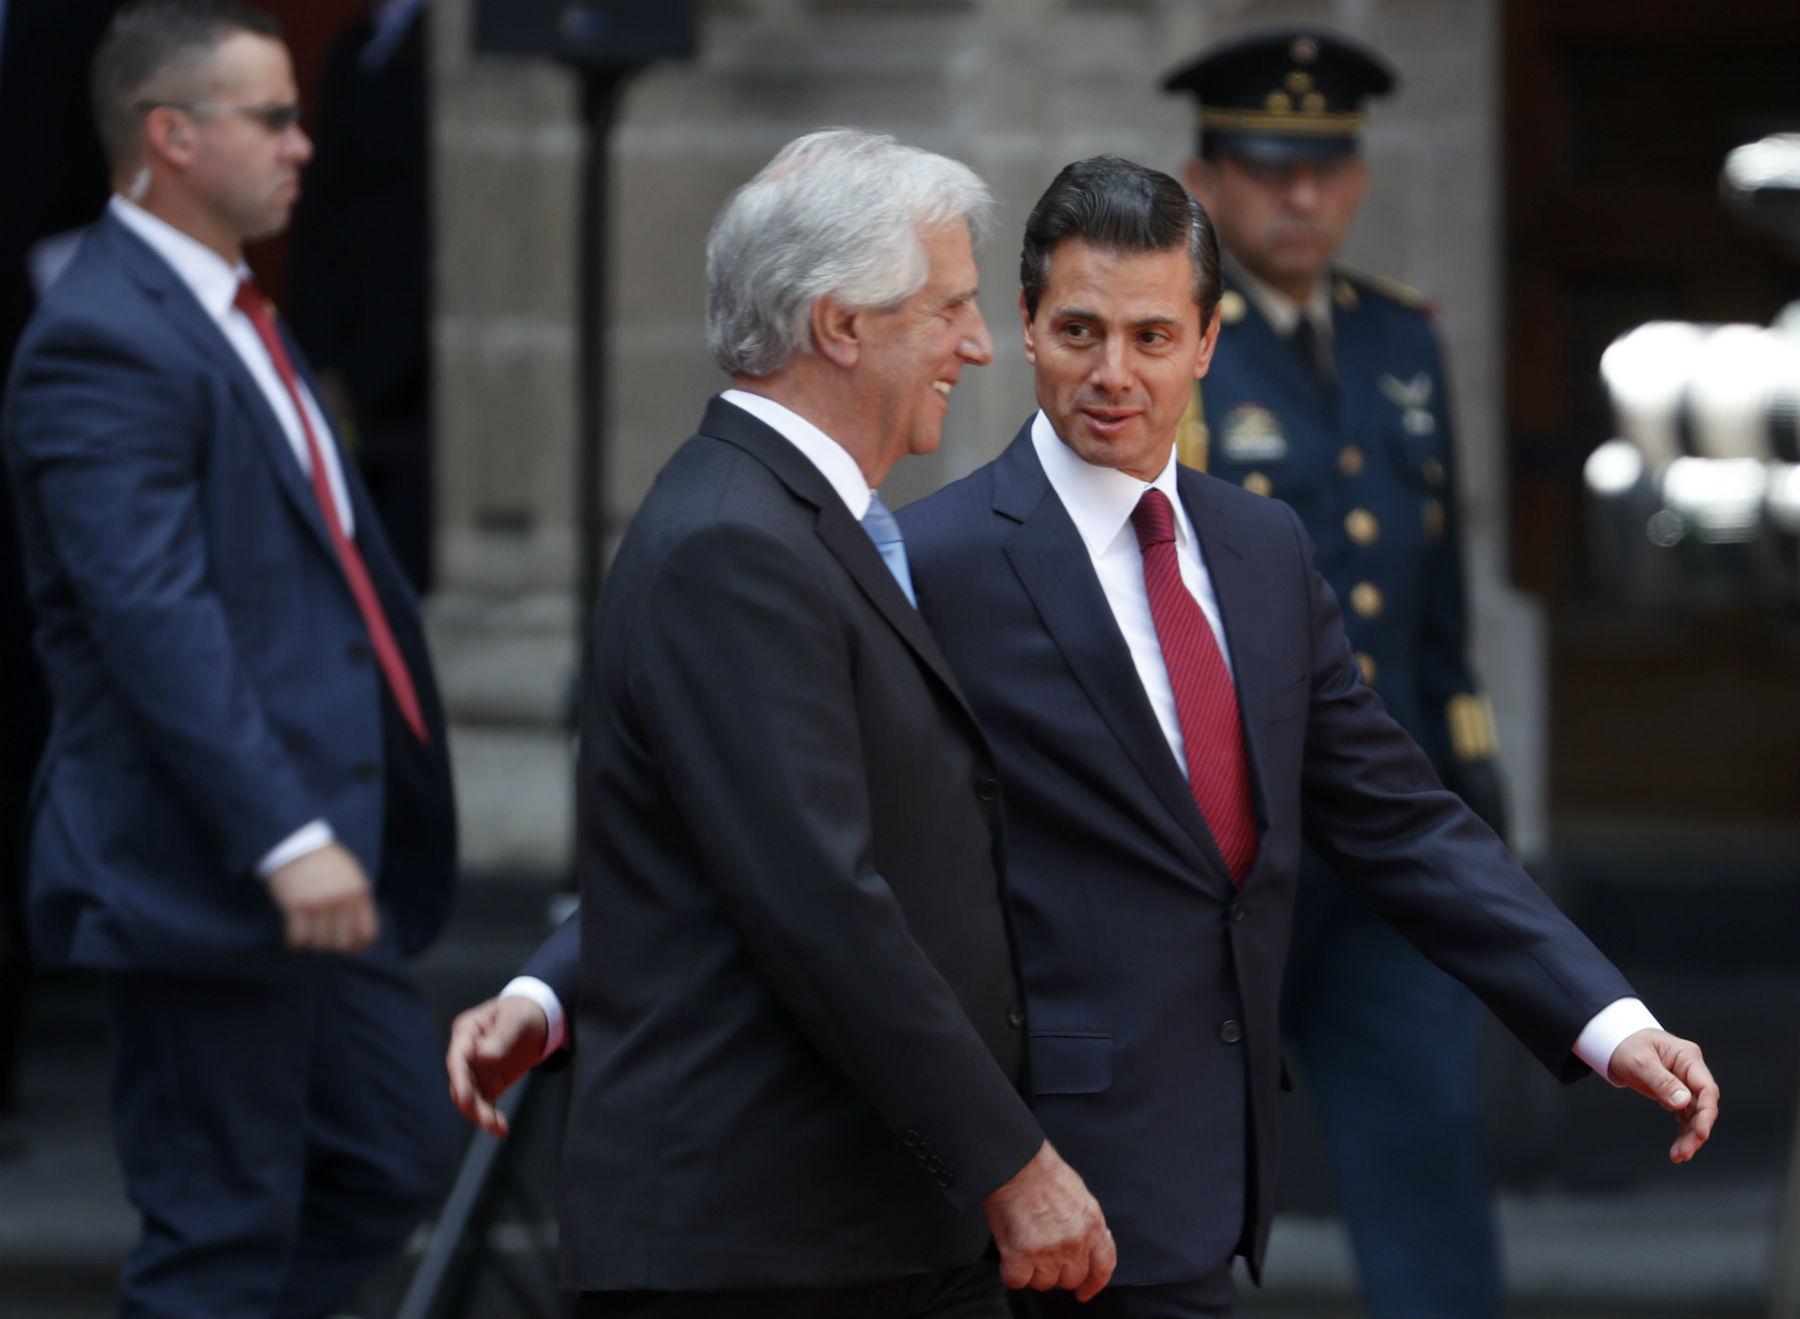 Enrique Peña Nietos, mexico, forsvundne, krig, kartel, eftersøgning, news, nyheder,